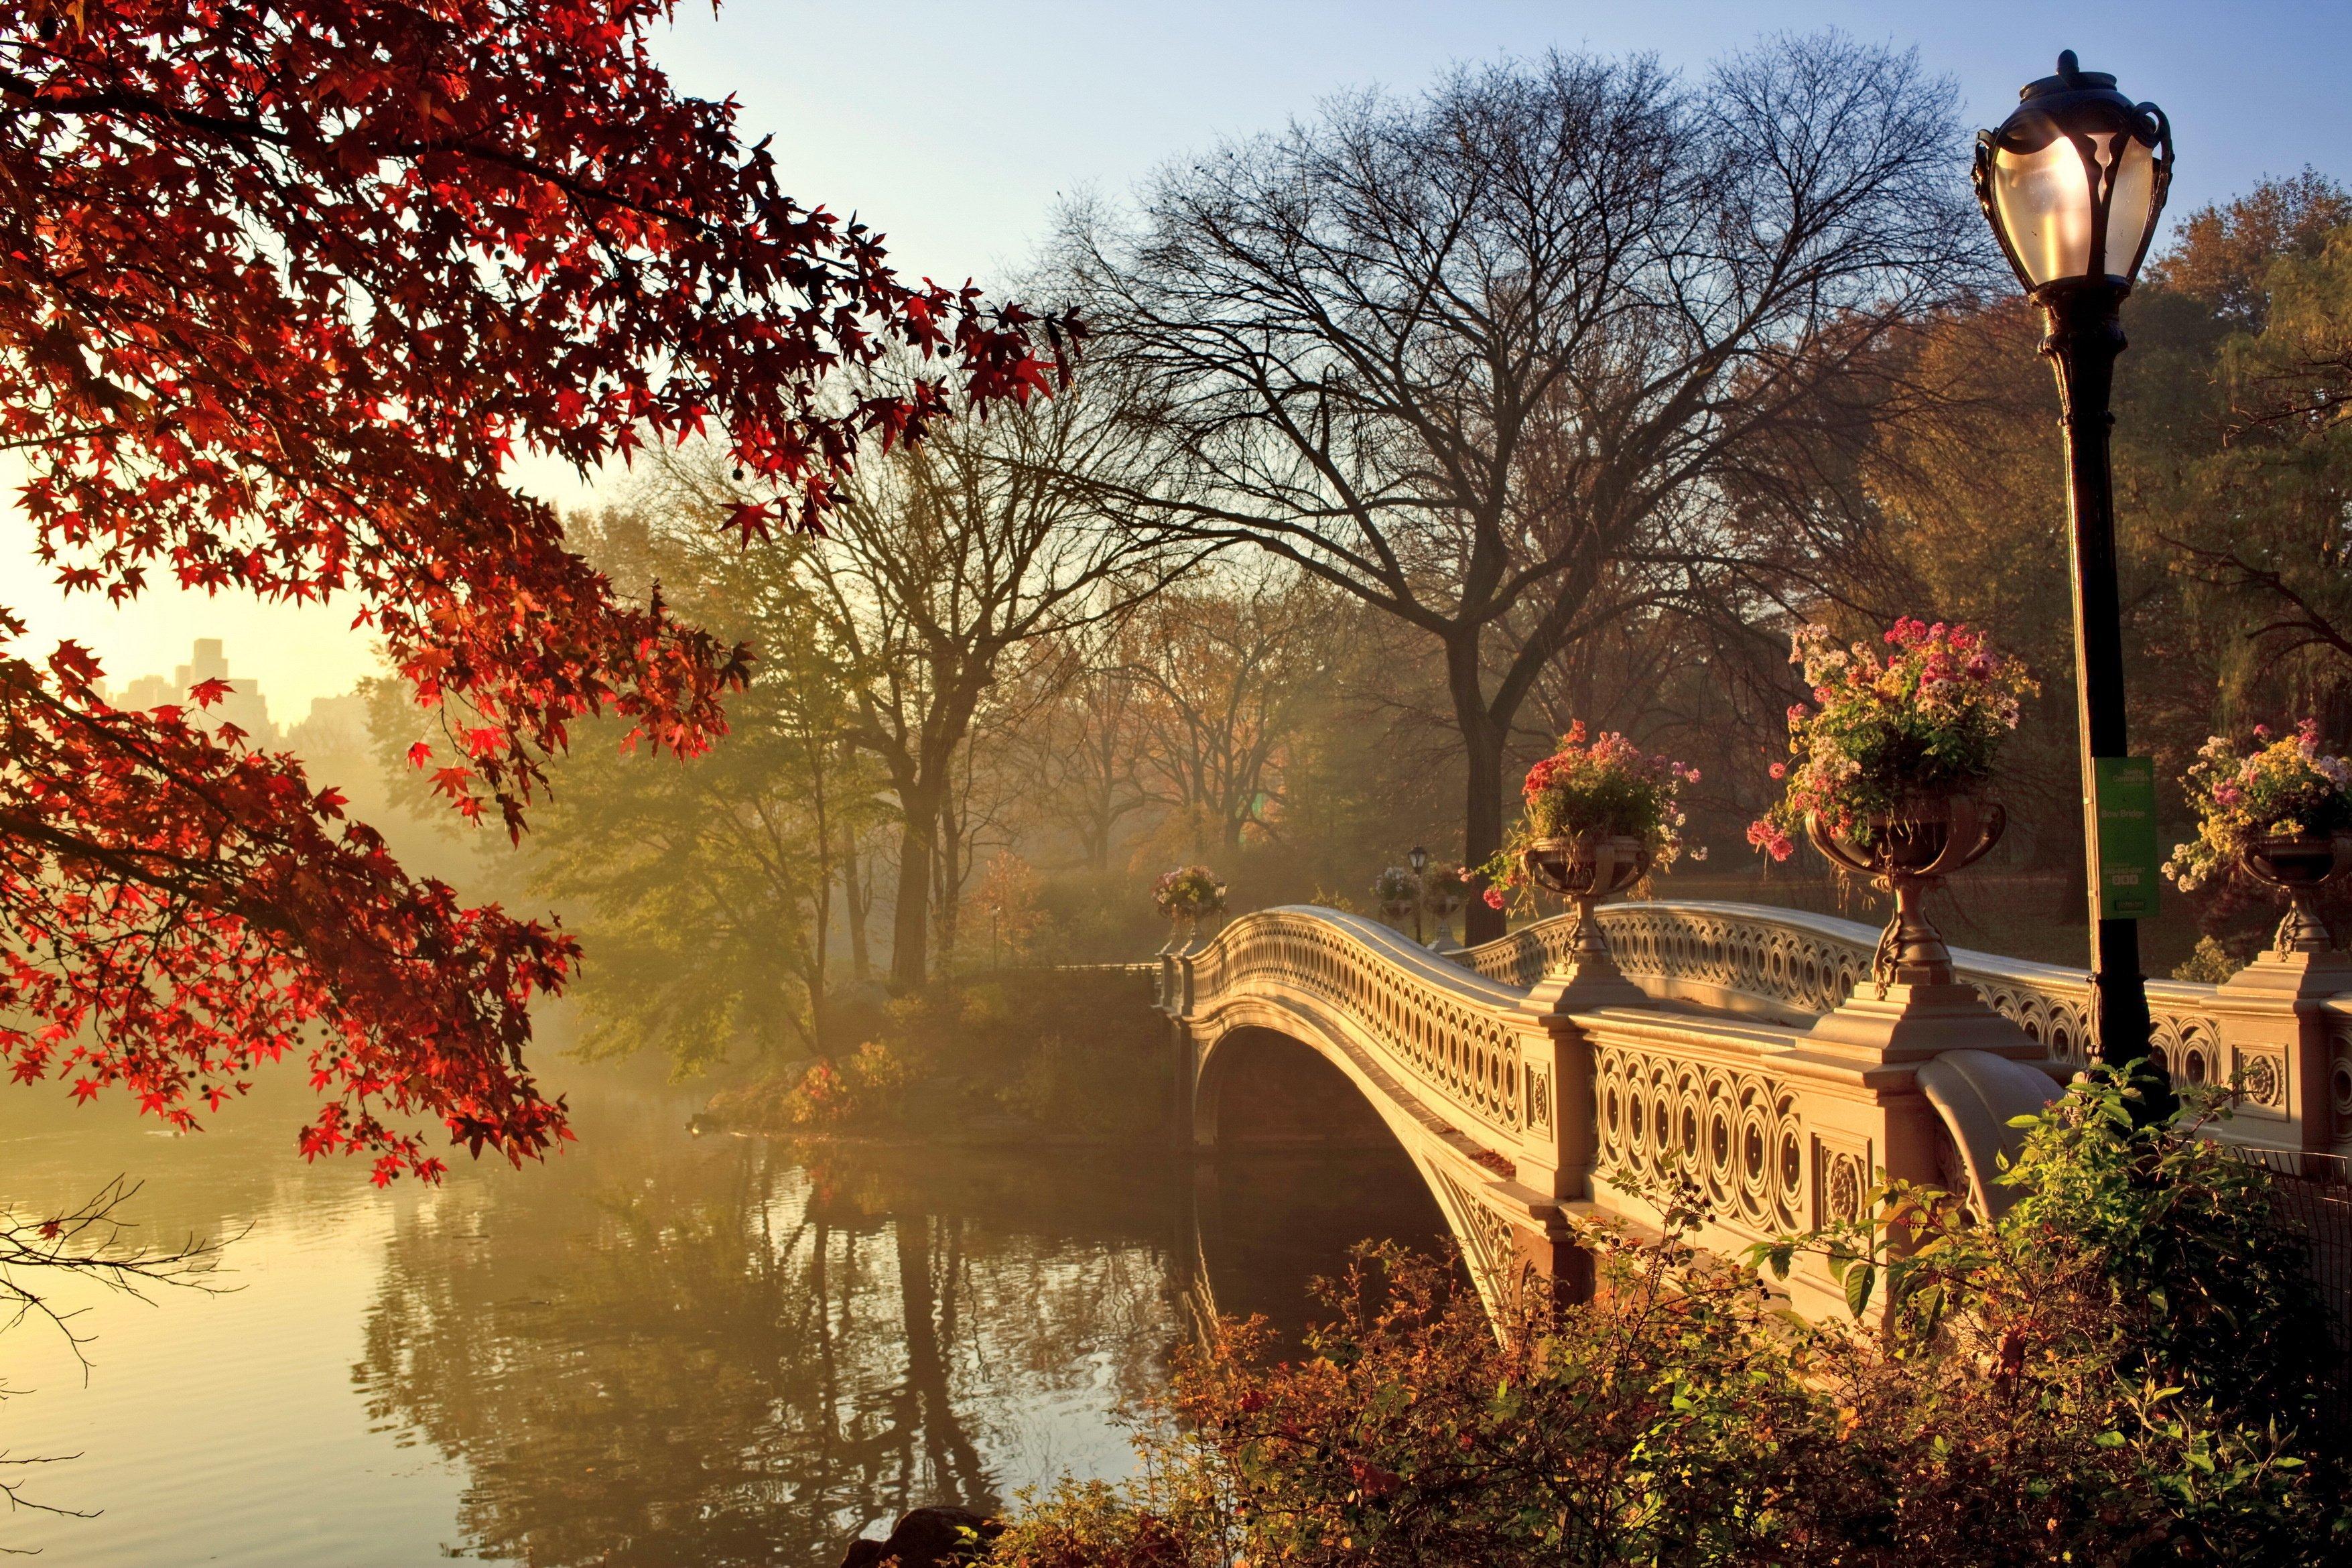 Hd Backgrounds Download >> Autumn fall park bridge wallpaper | 3510x2340 | 424259 | WallpaperUP